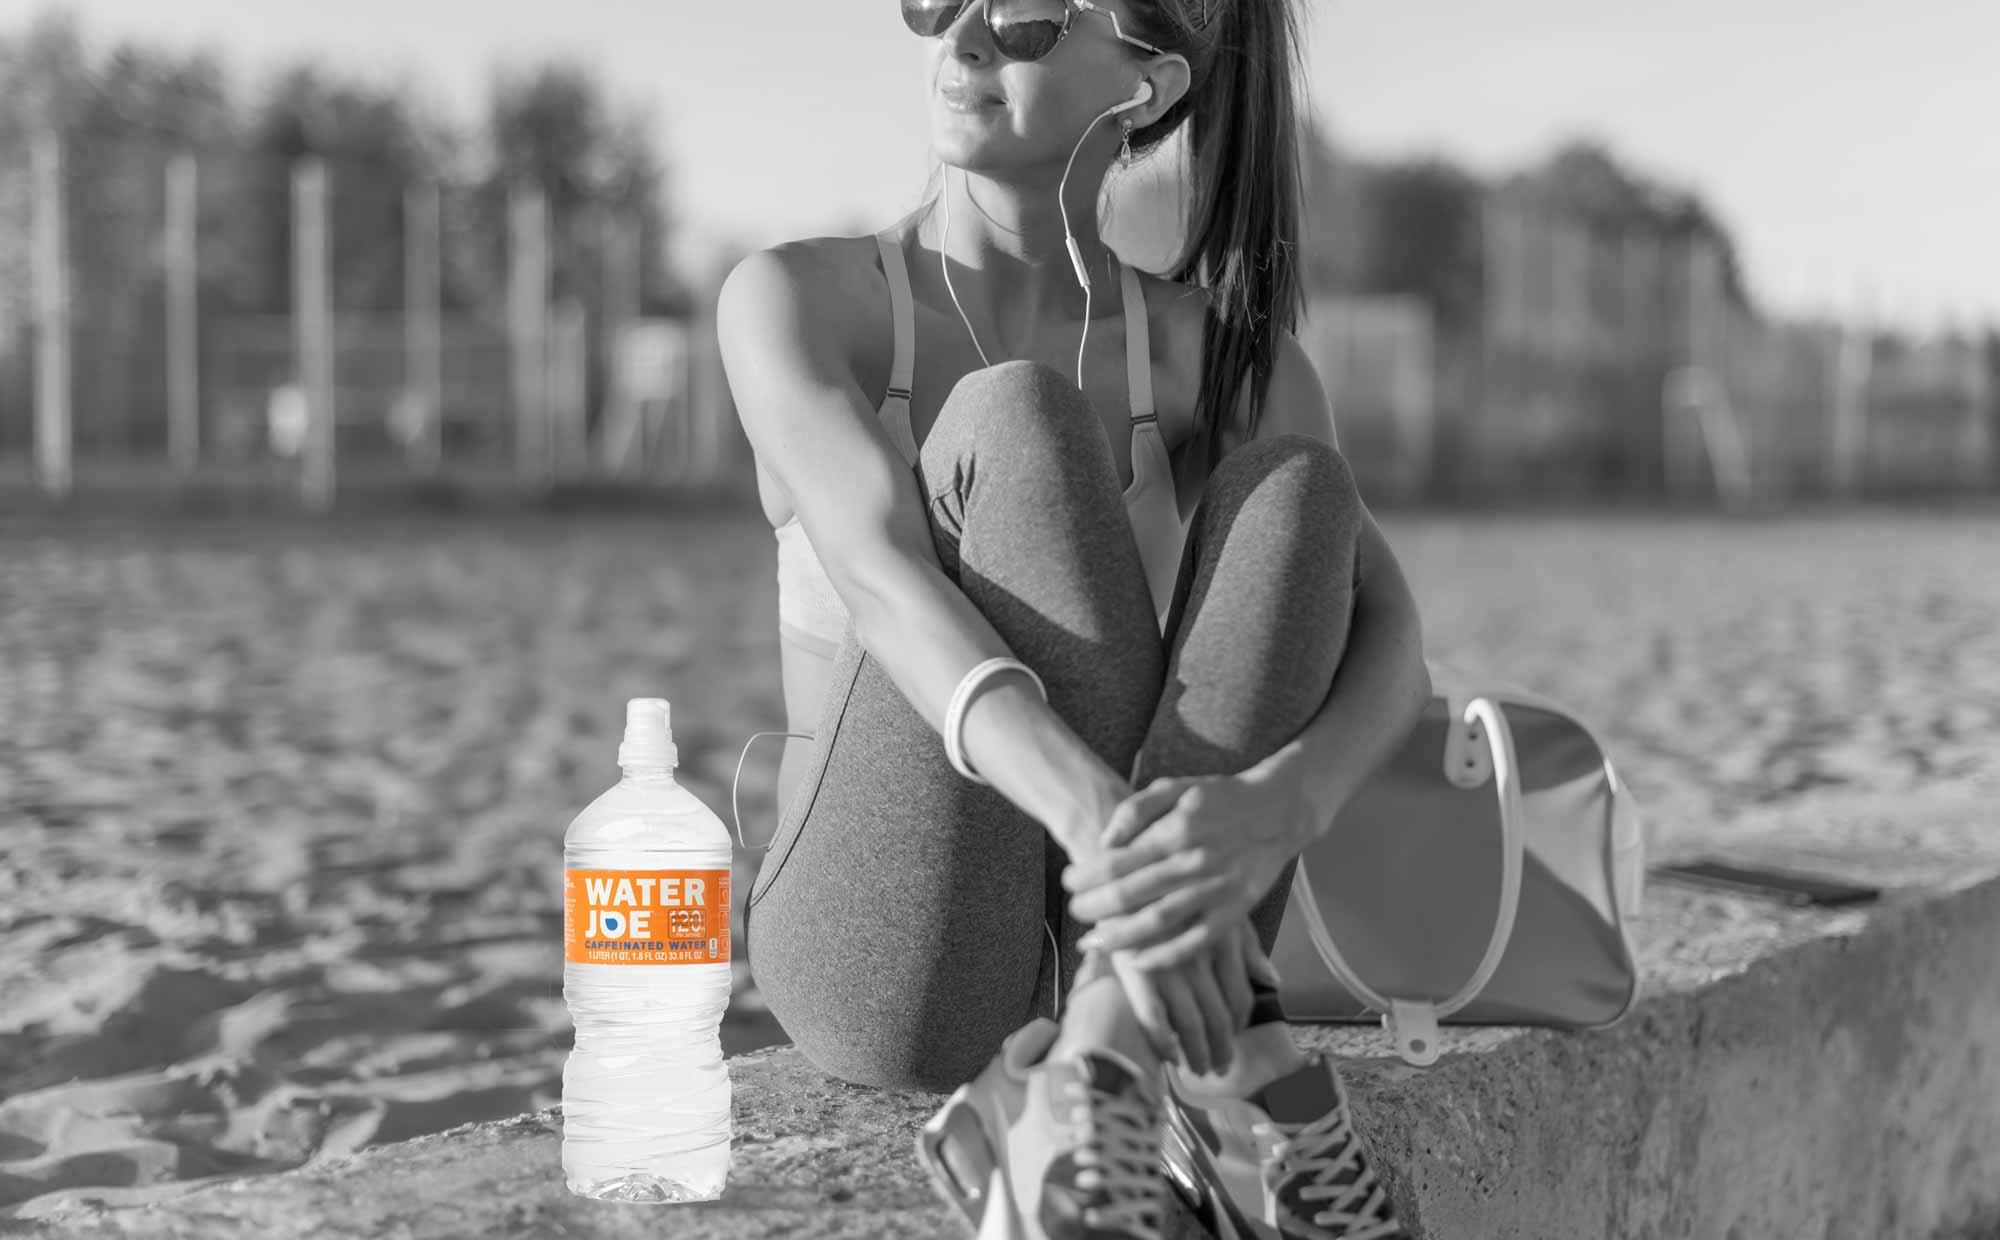 woman with water joe